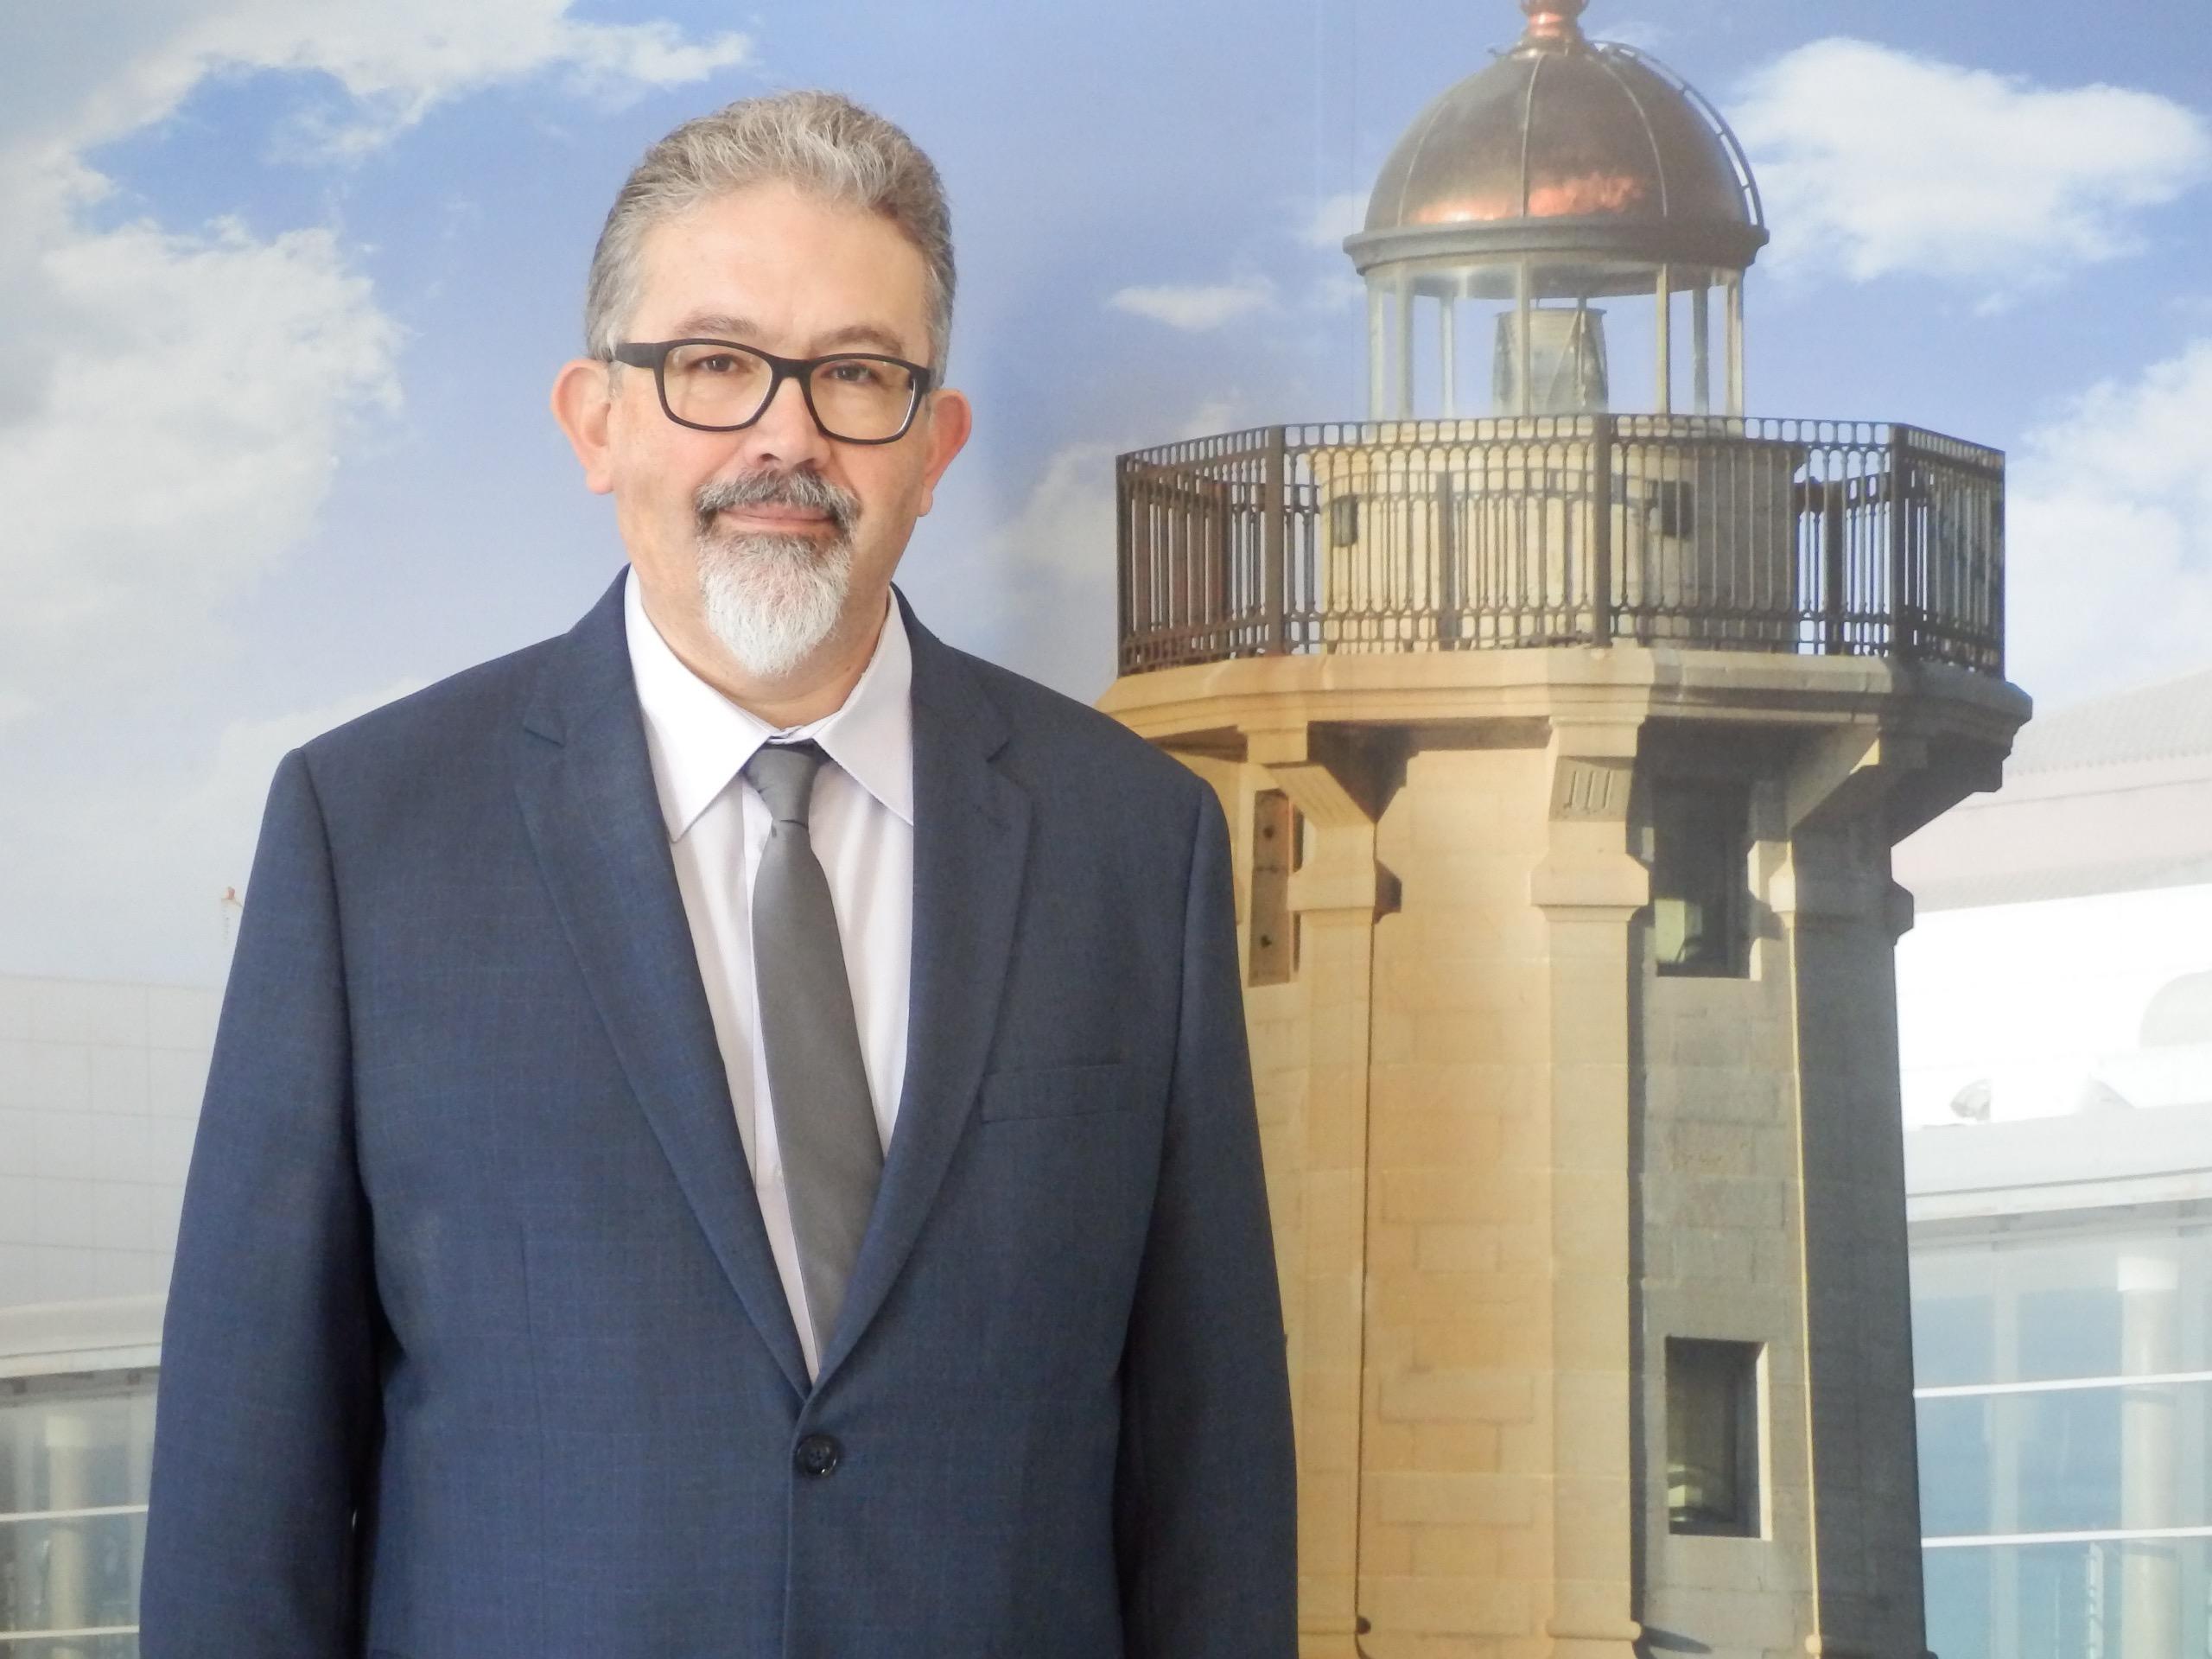 Antonio Mateu Orti